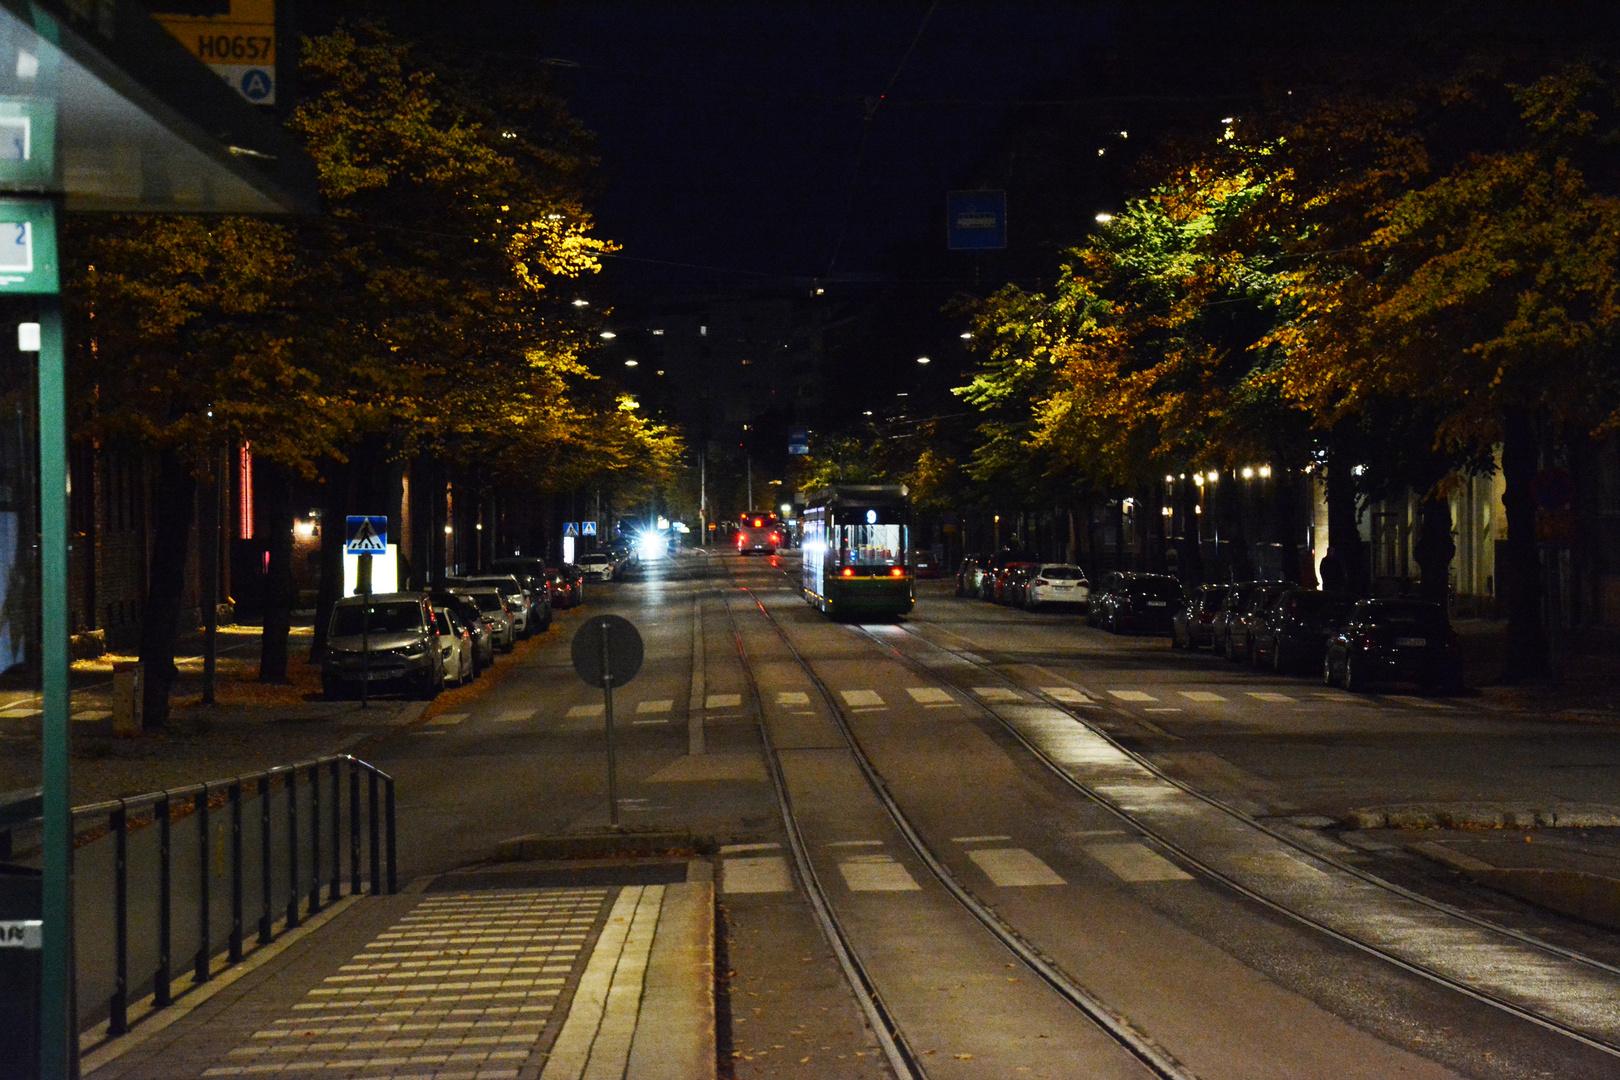 Helsinki, Aleksis Kivenkatu at night